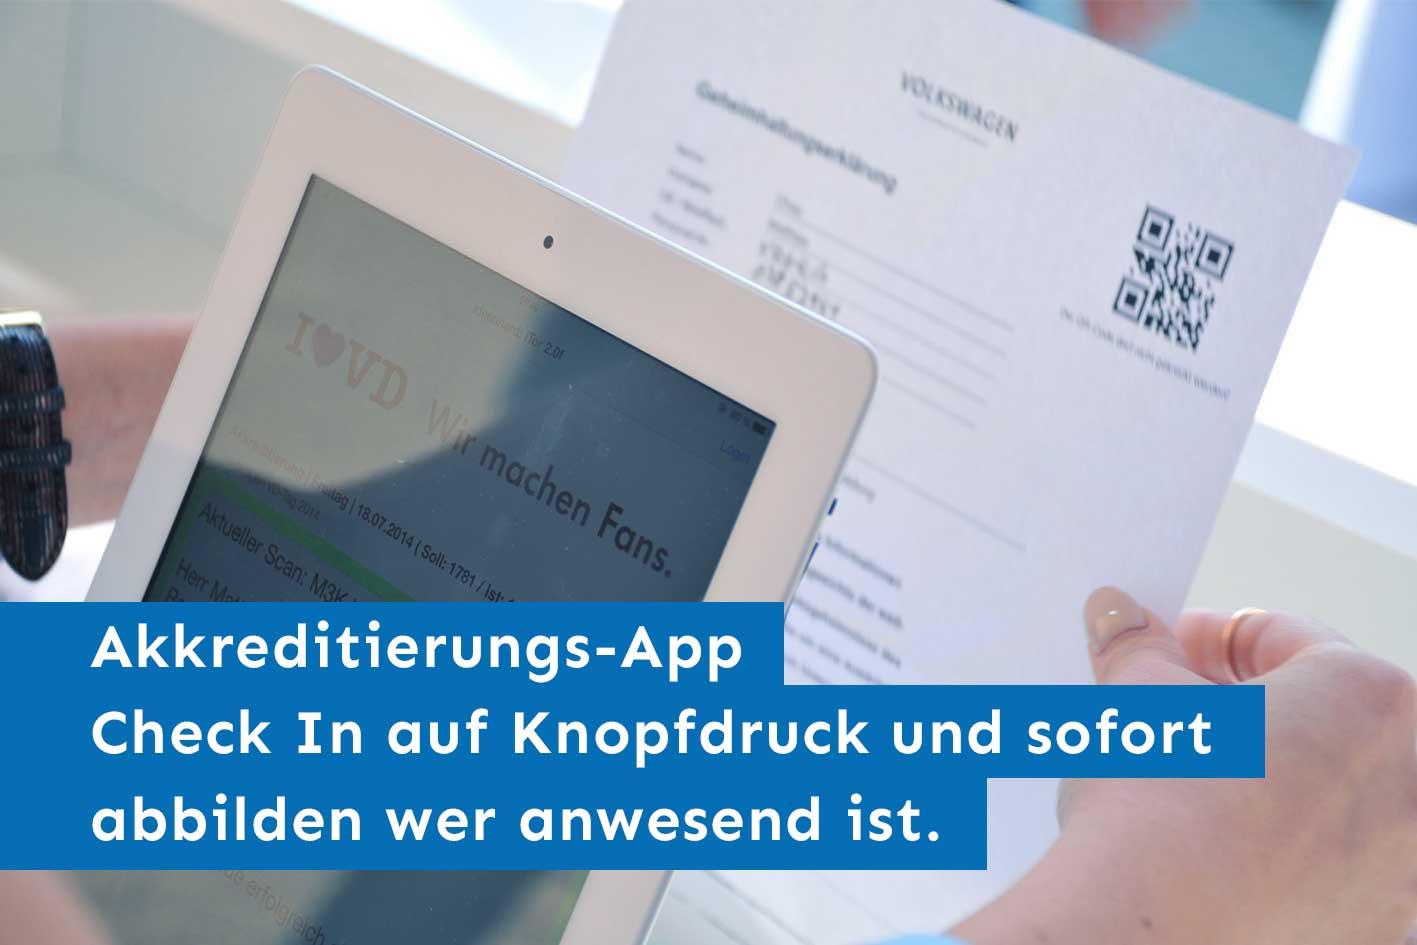 Akkreditierung_iPad